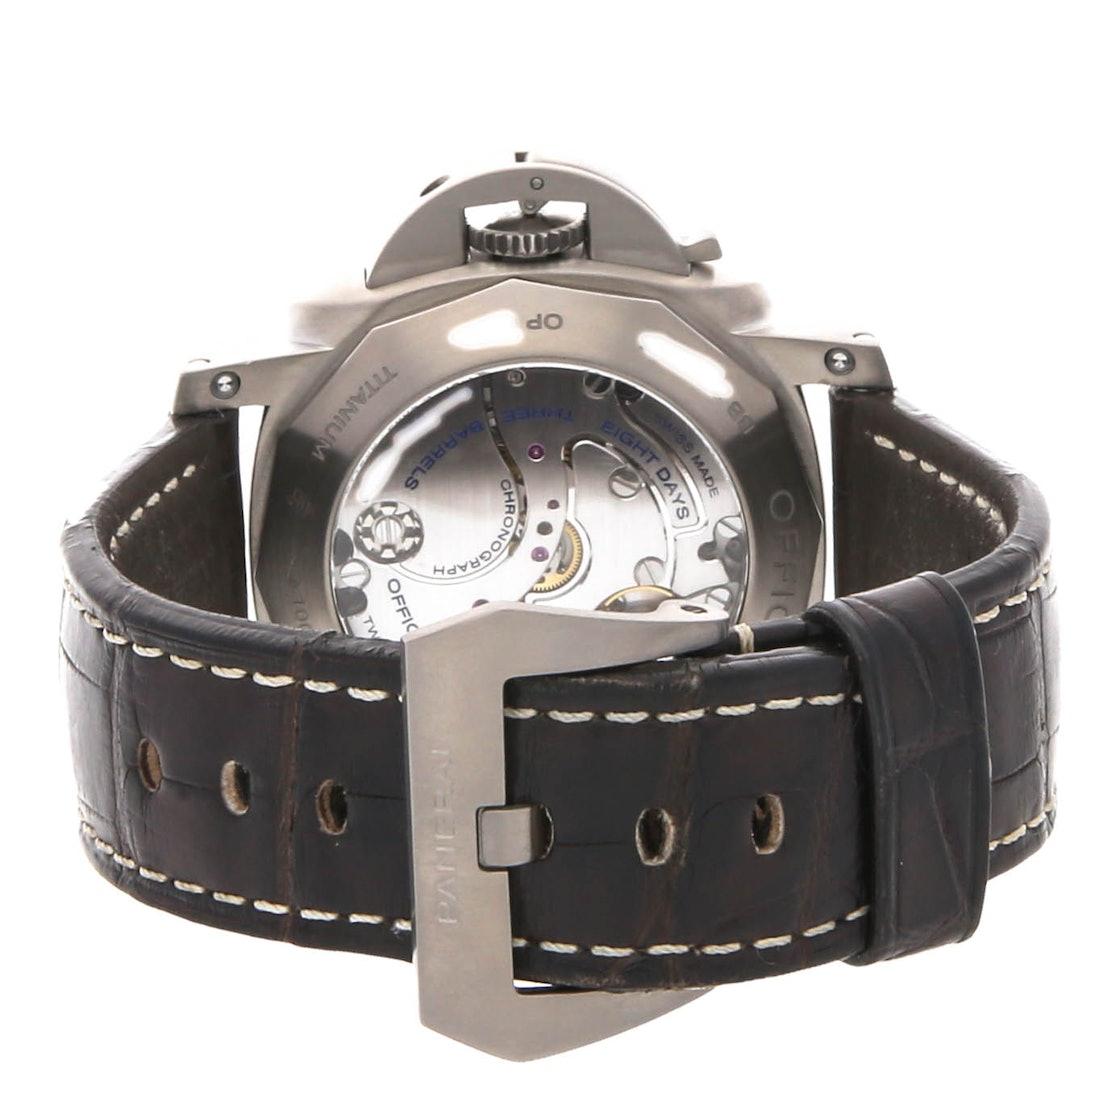 Panerai Luminor 1950 Chrono Monopulsante 8-Days GMT Titanio PAM 311